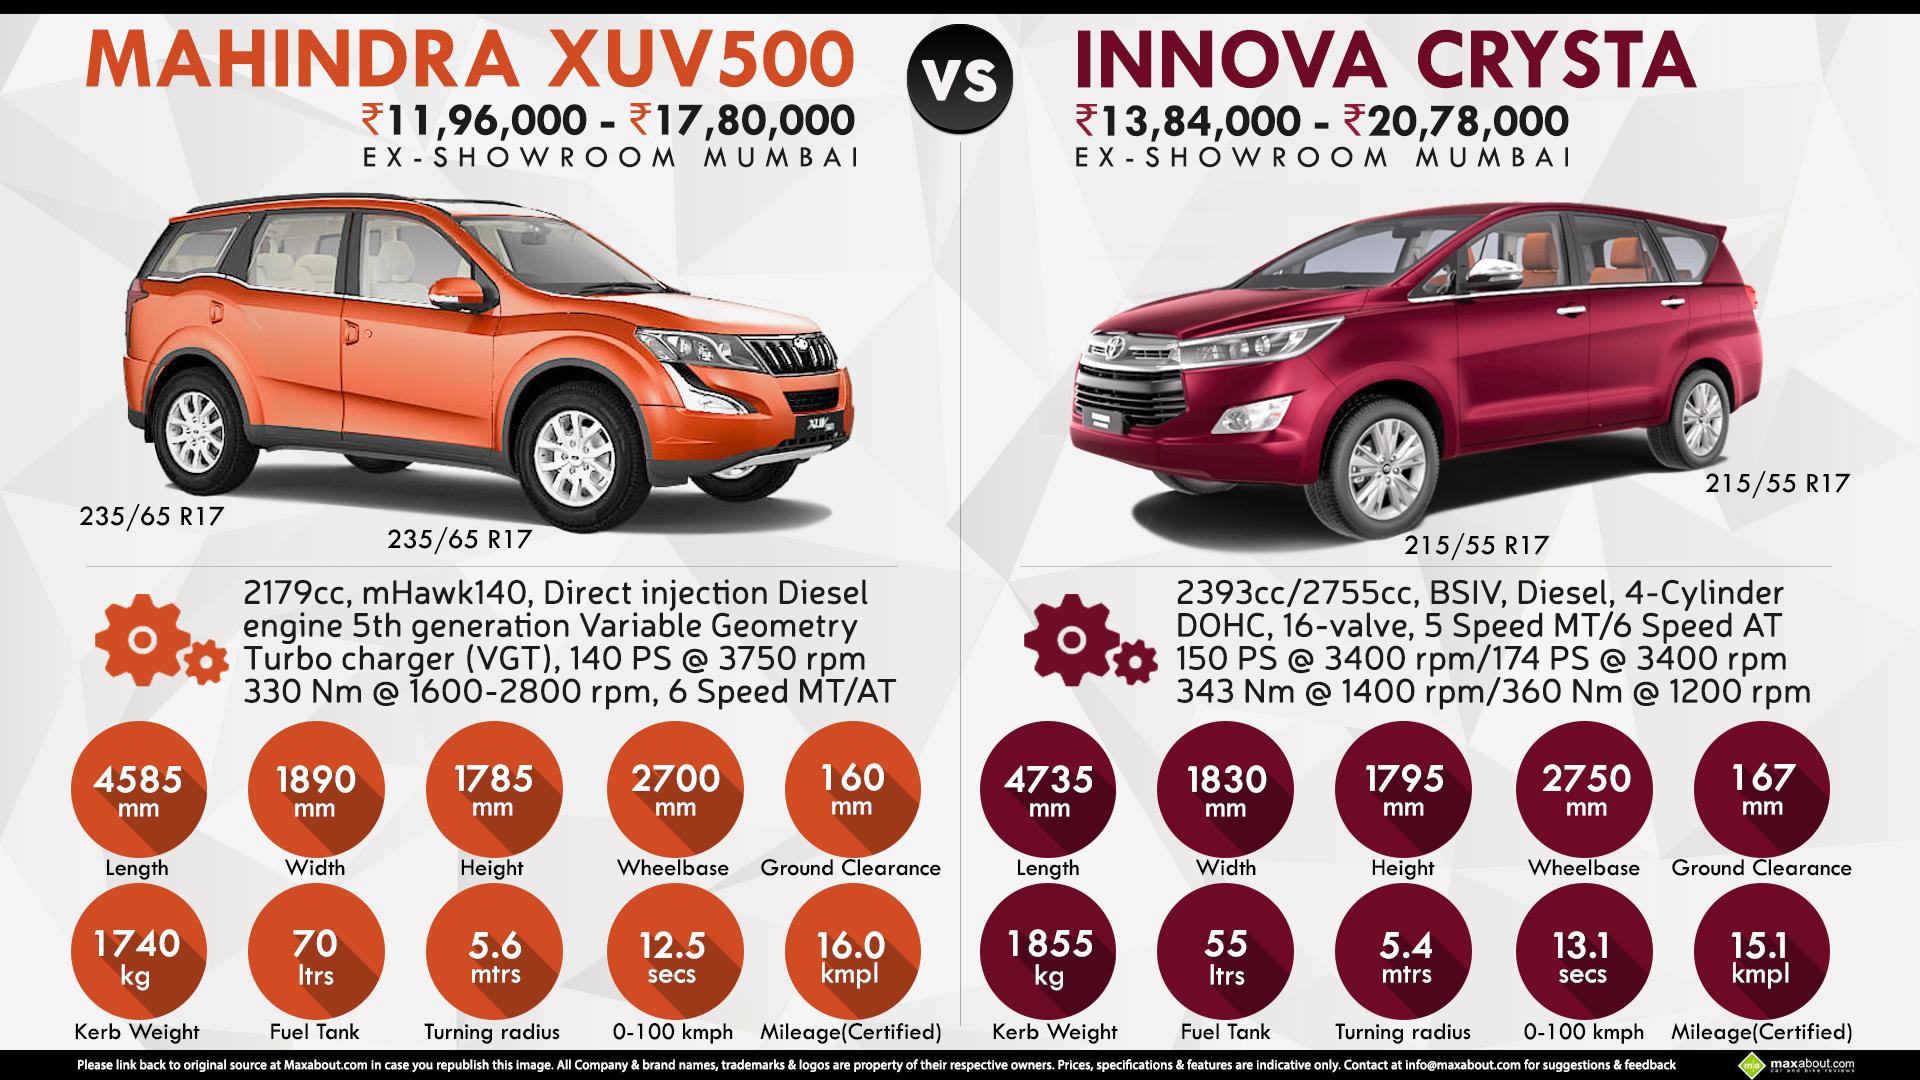 Mahindra Xuv500 Vs Toyota Innova Crysta